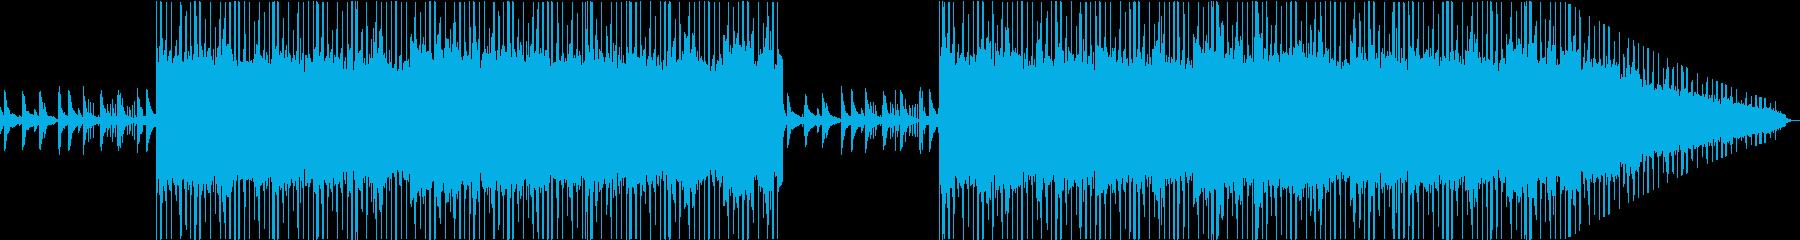 ピアノとシンセの不安で静かなLofiの再生済みの波形